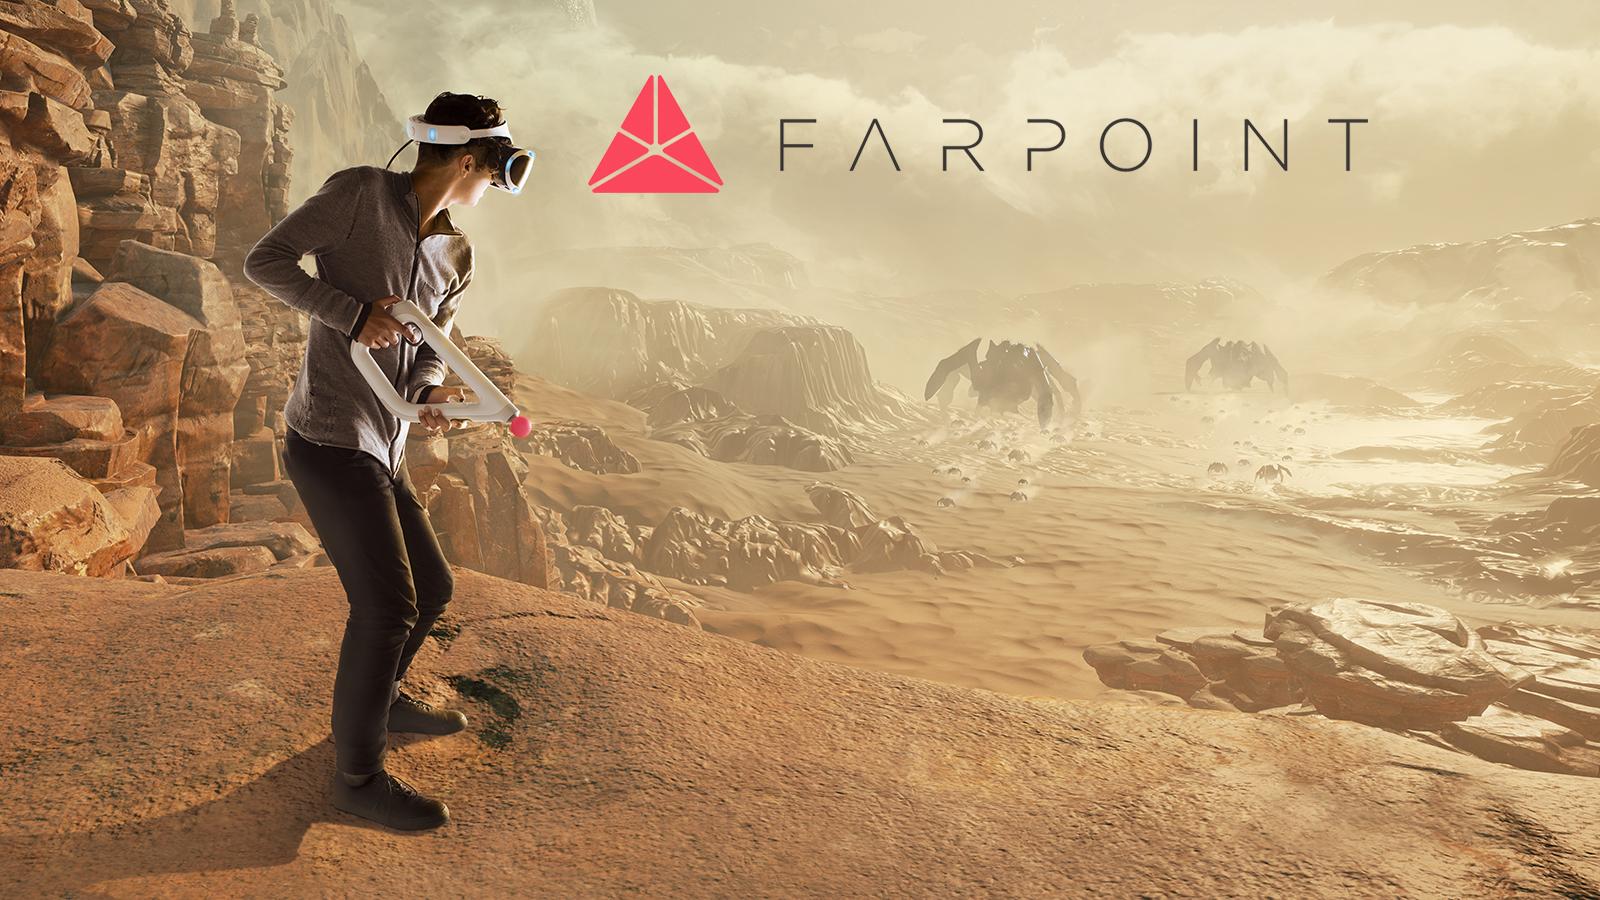 farpoint-listing-thumb-01-ps4-us-13jun16